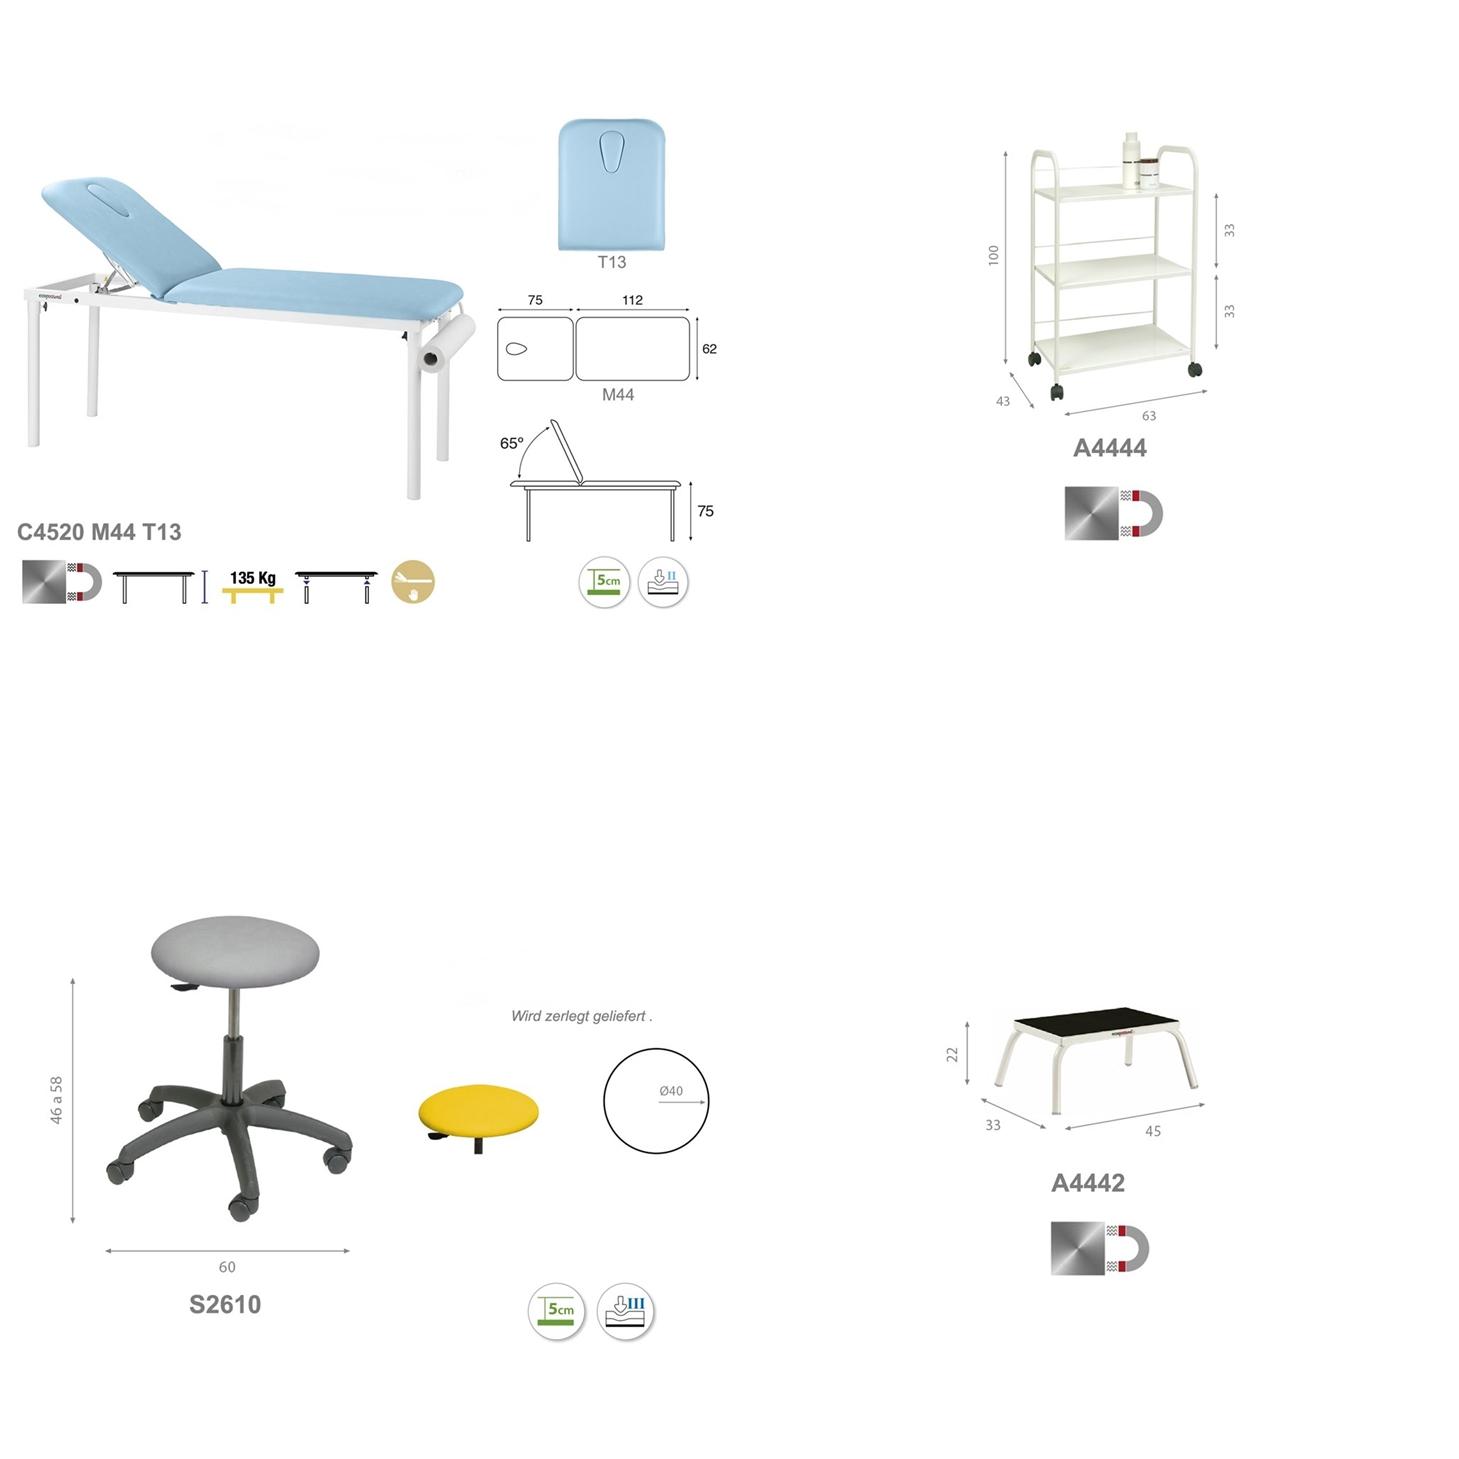 Einrichtungs-Set PACK01 im Detail.  - Technische Details Ecopostural